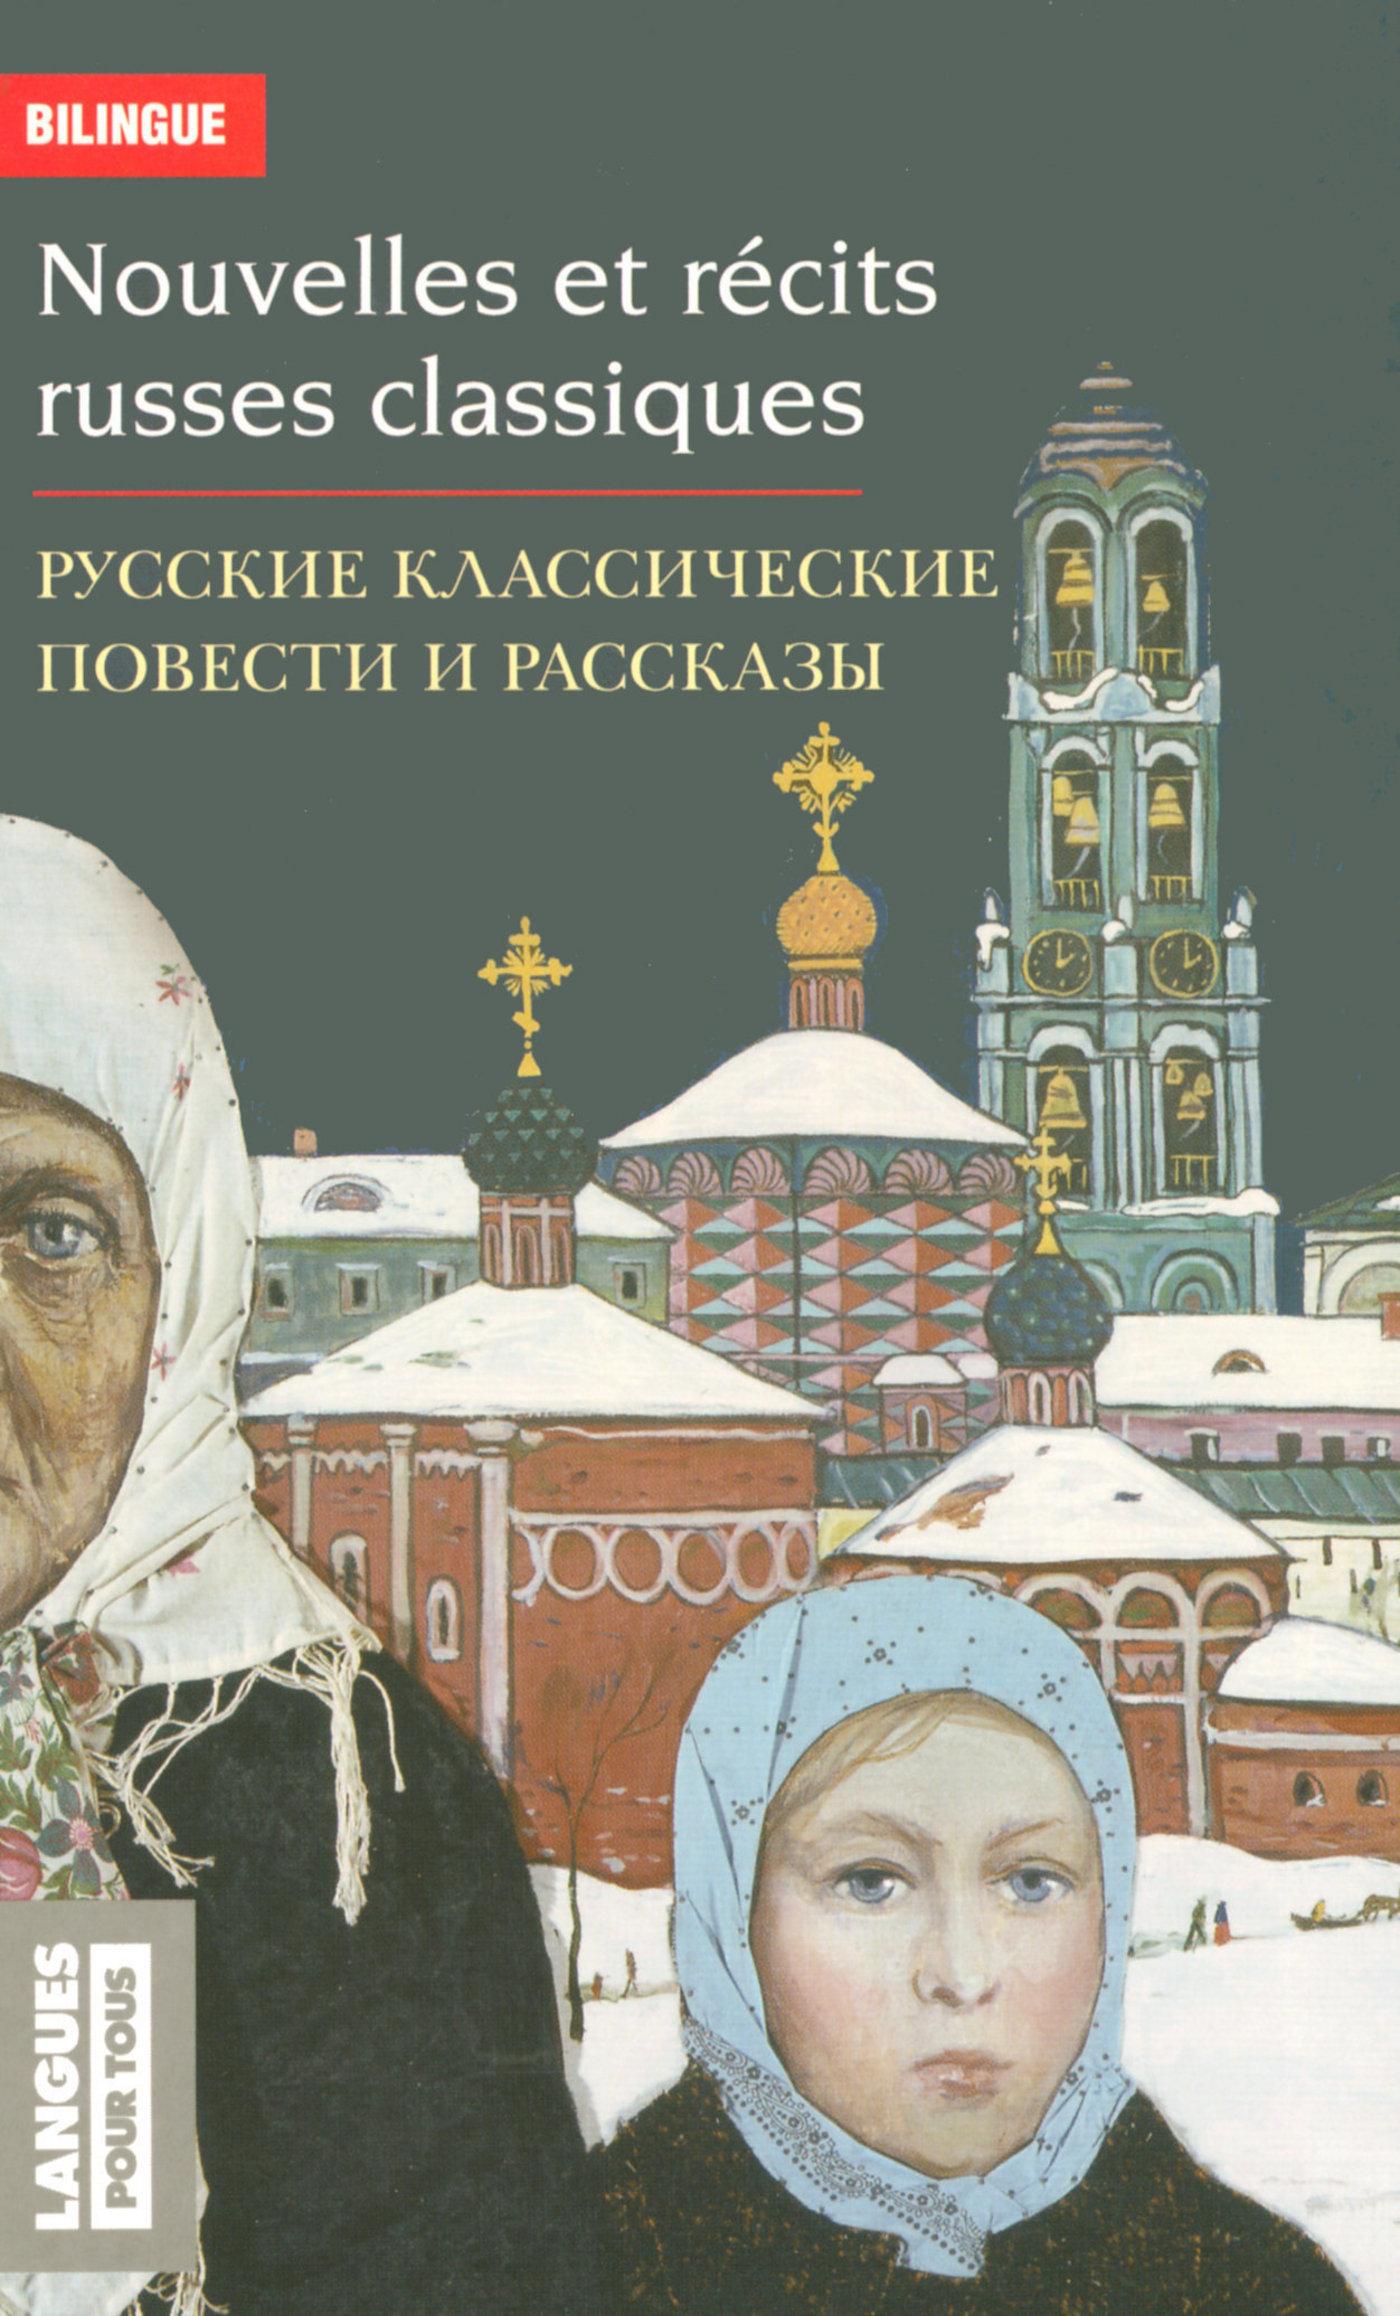 Nouvelles et récits russes classiques (ebook)